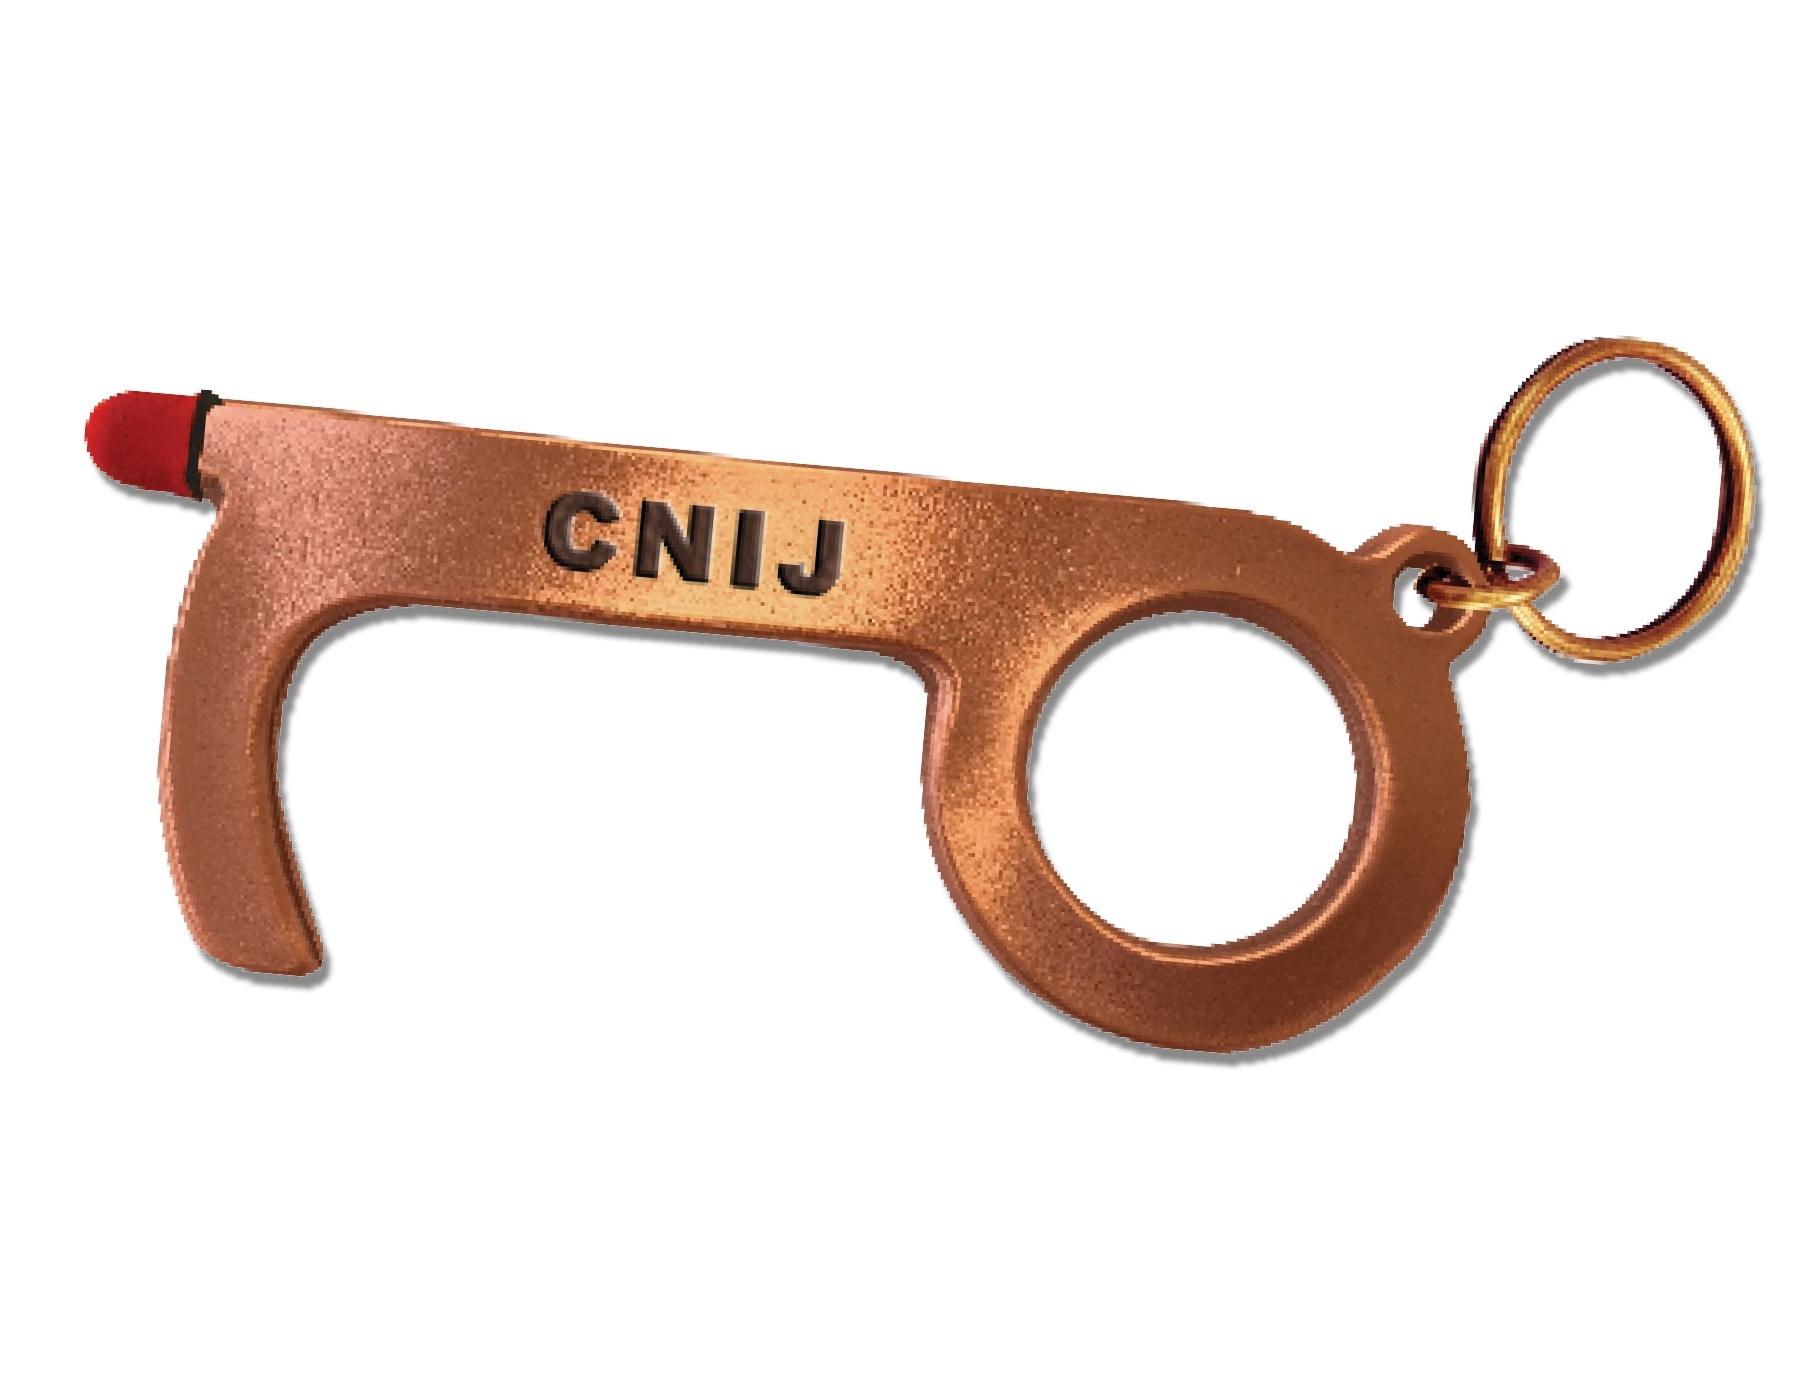 CNIJ B-SAFE KEY